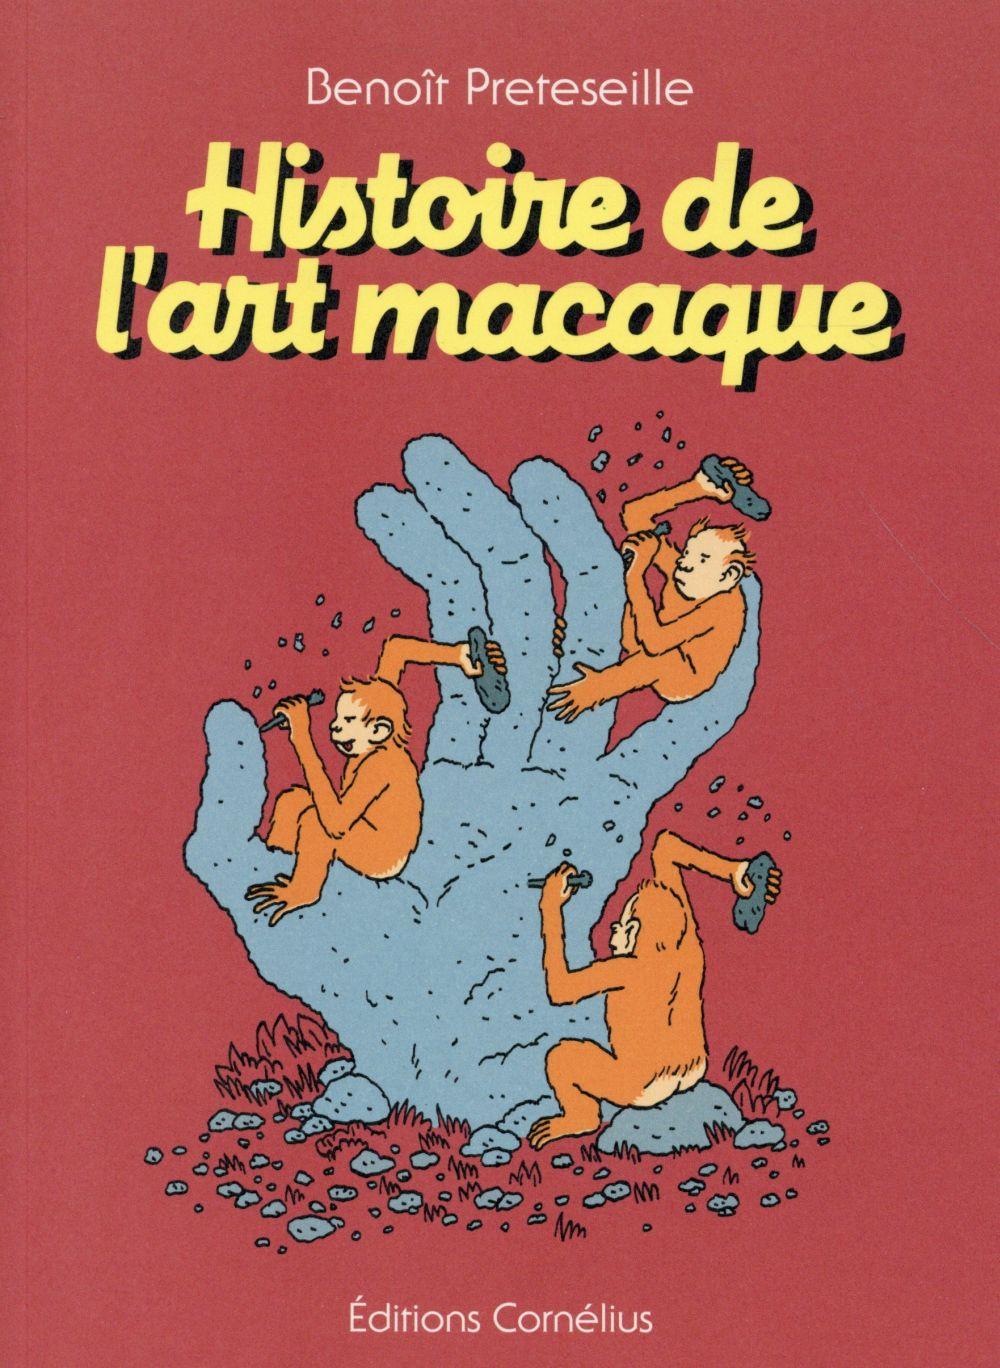 L'art macaque